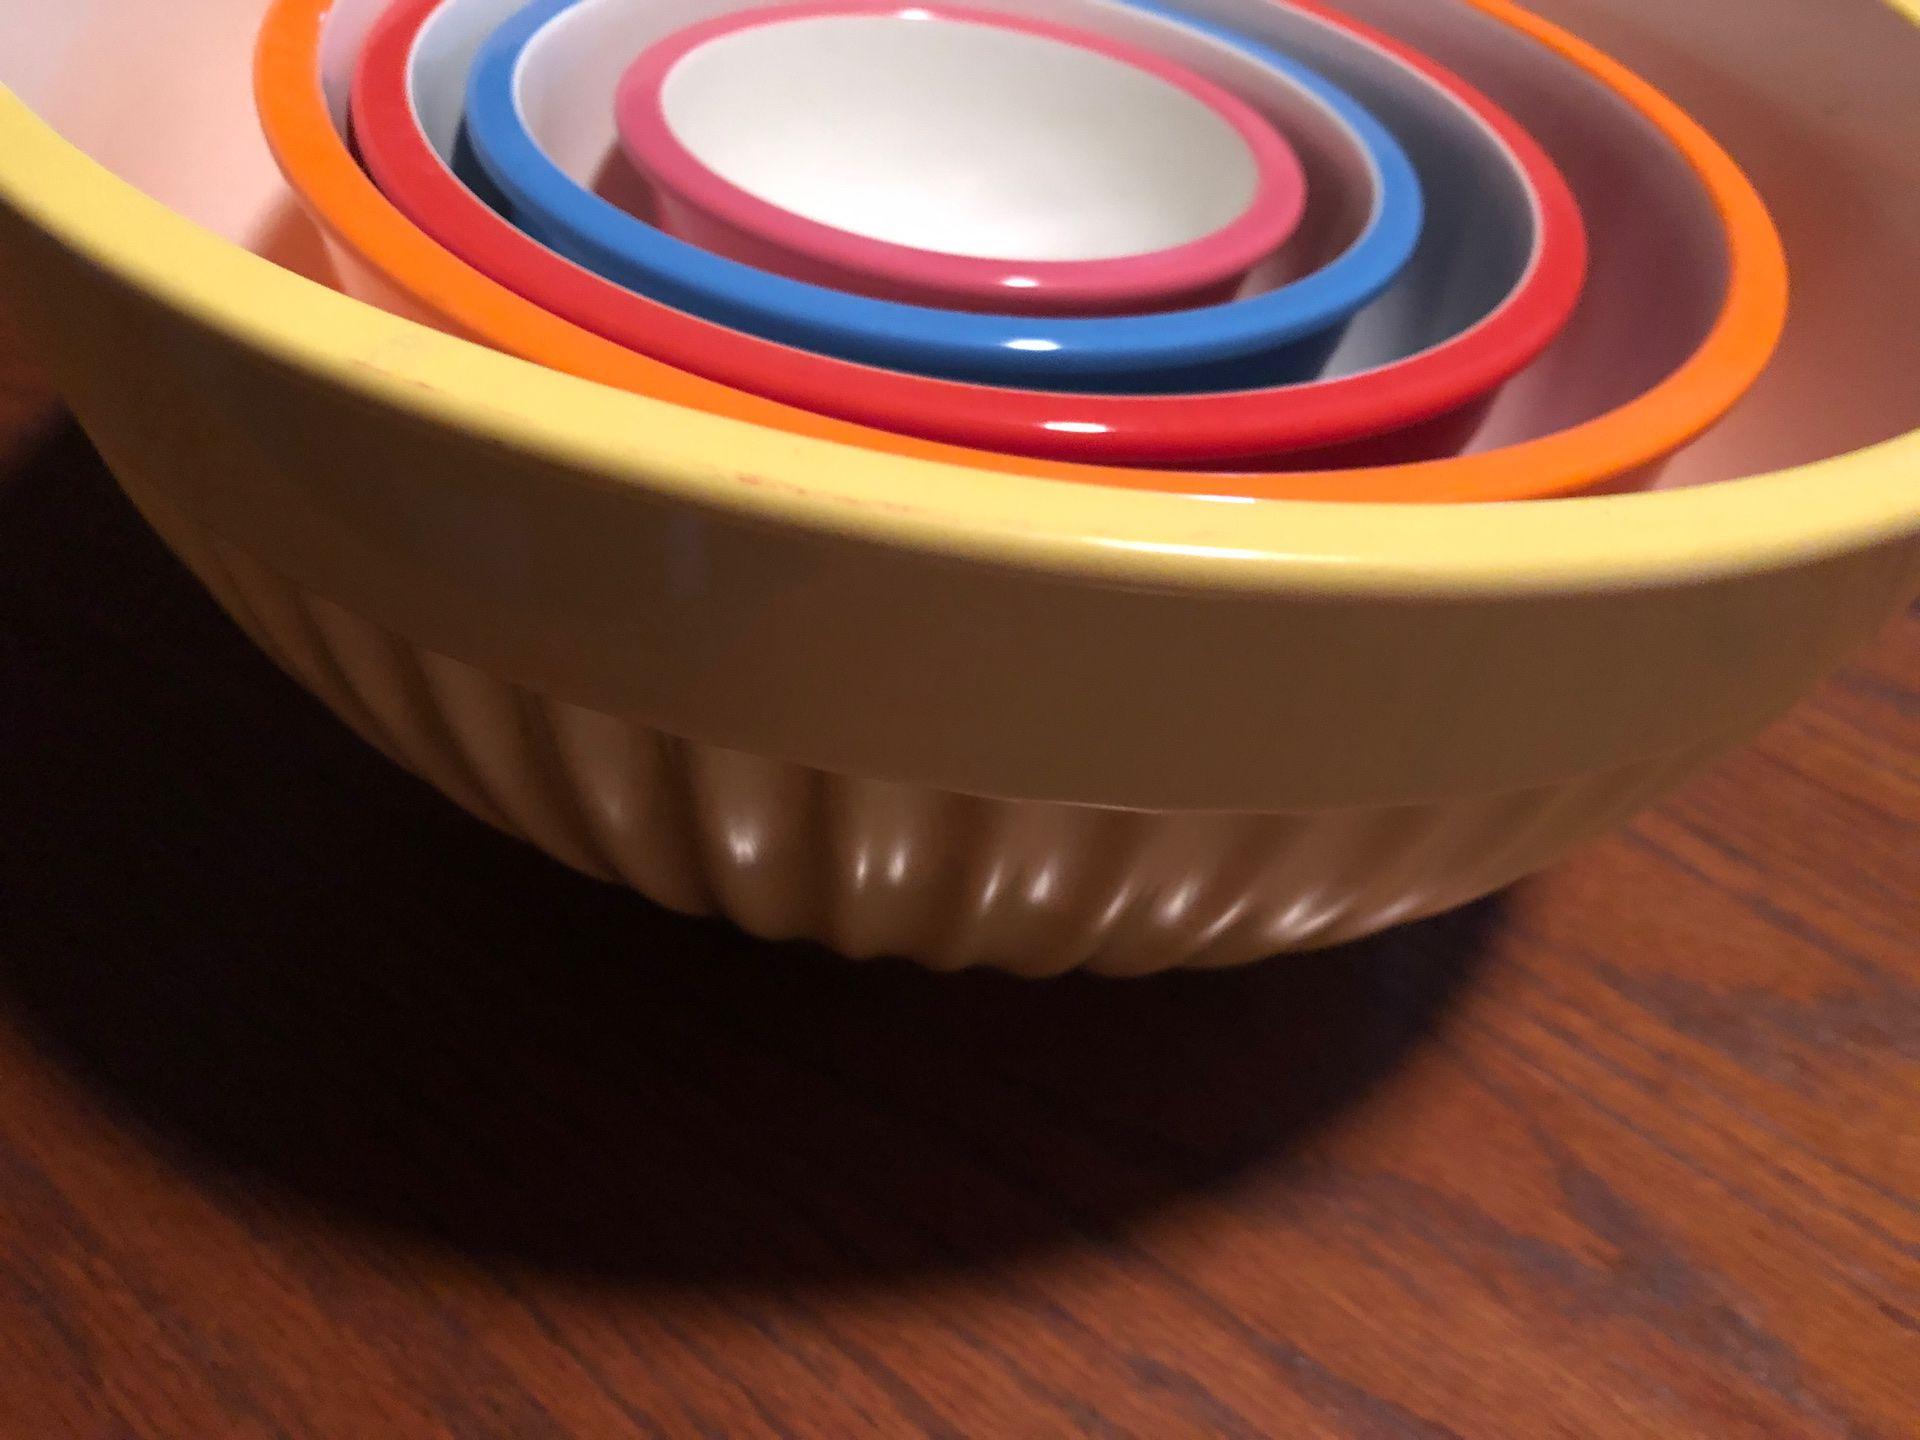 5 plastic mixing bowls